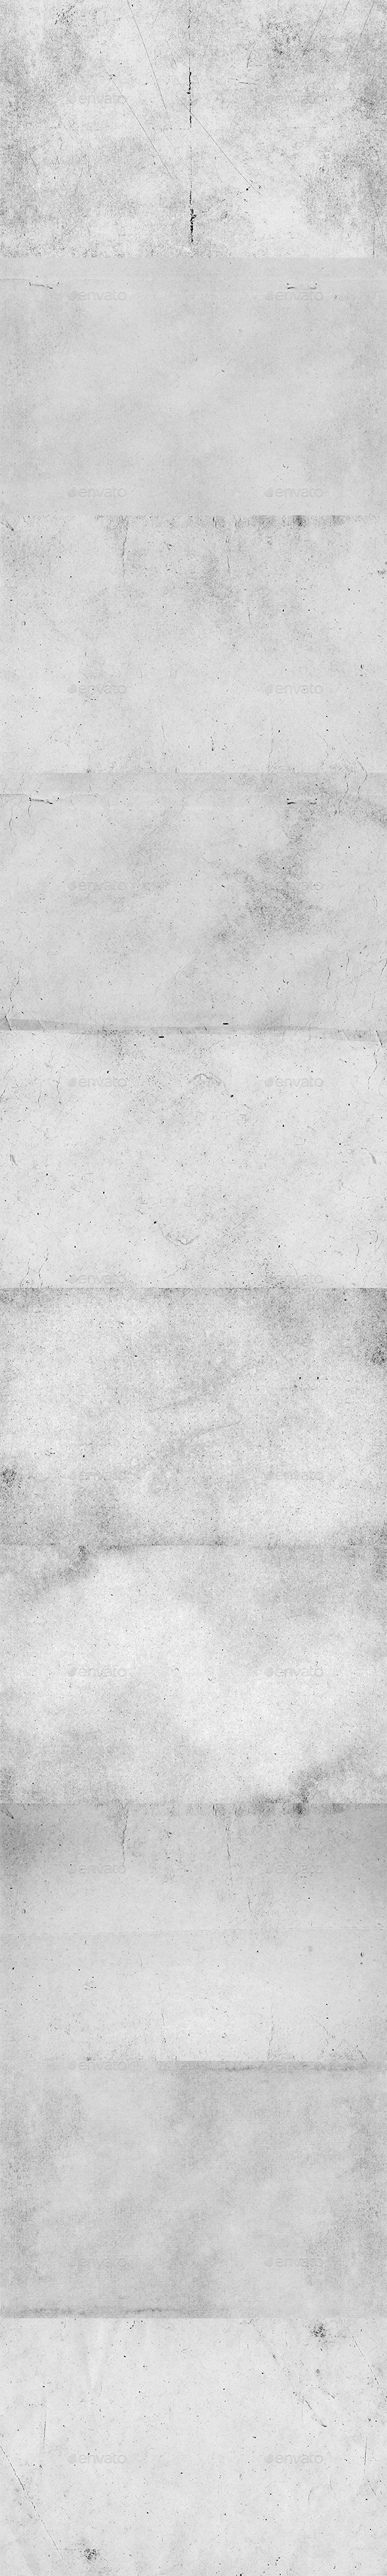 10 Soft Grunge Gray Textures - Industrial / Grunge Textures